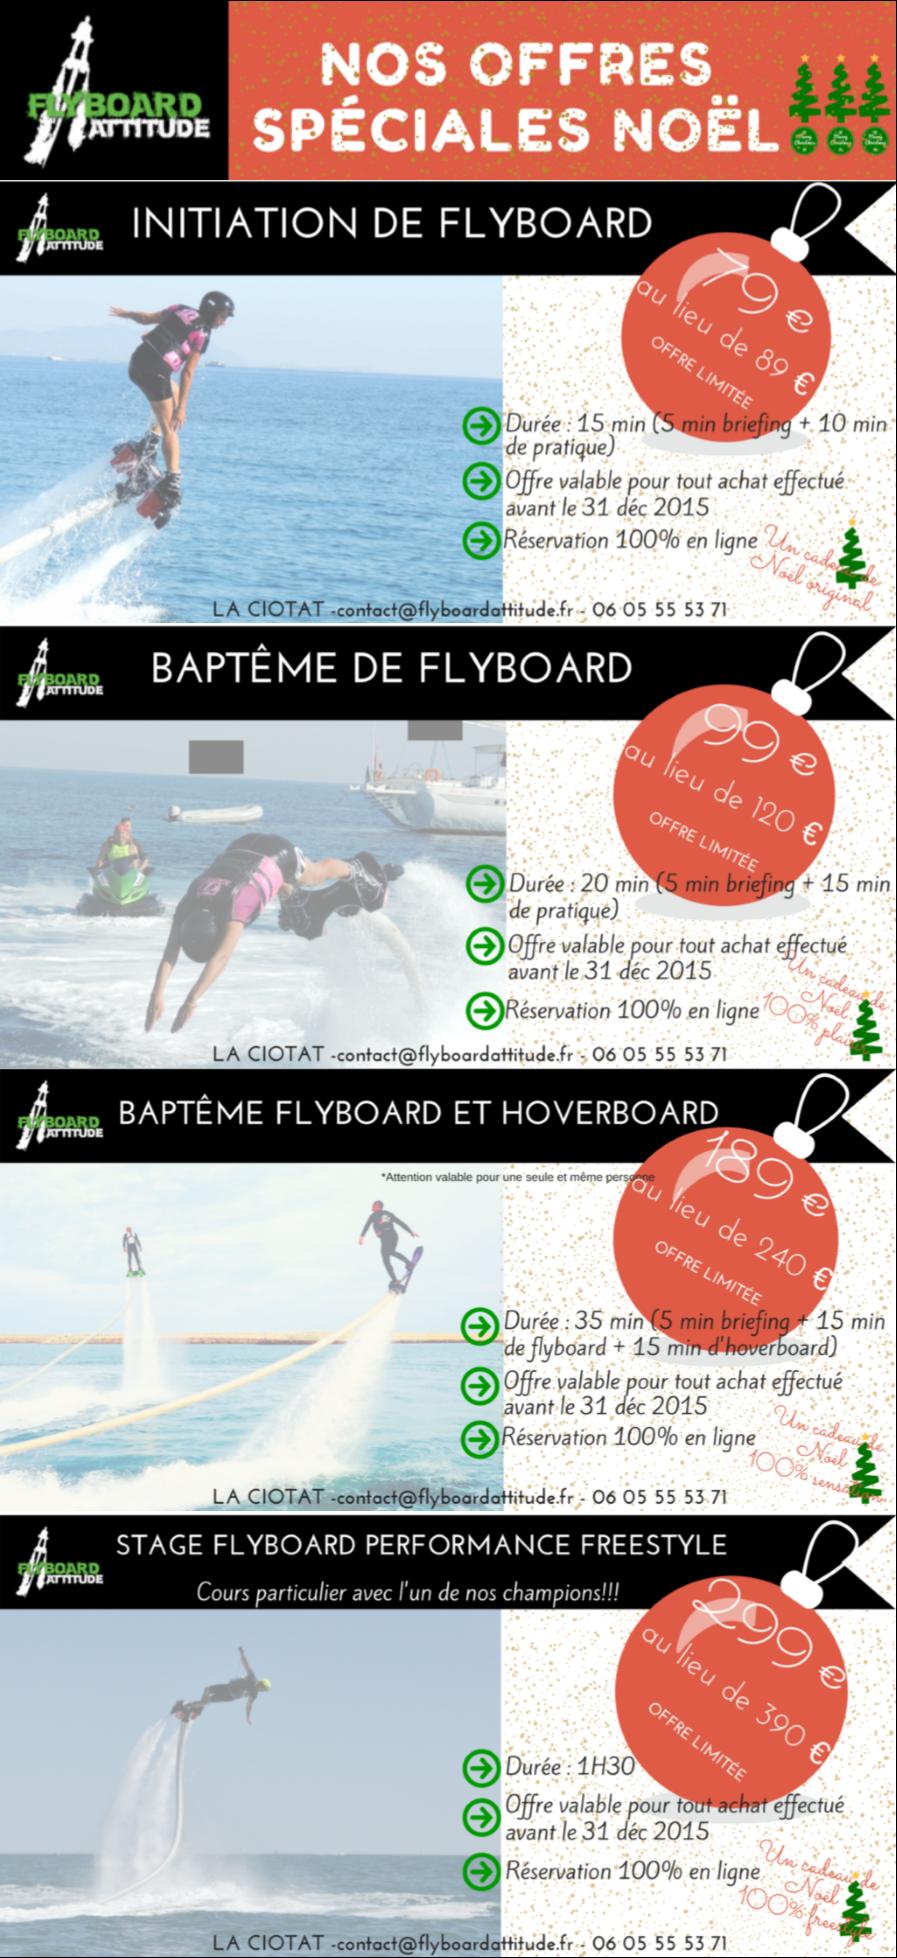 offre_flyboardattitude_noel